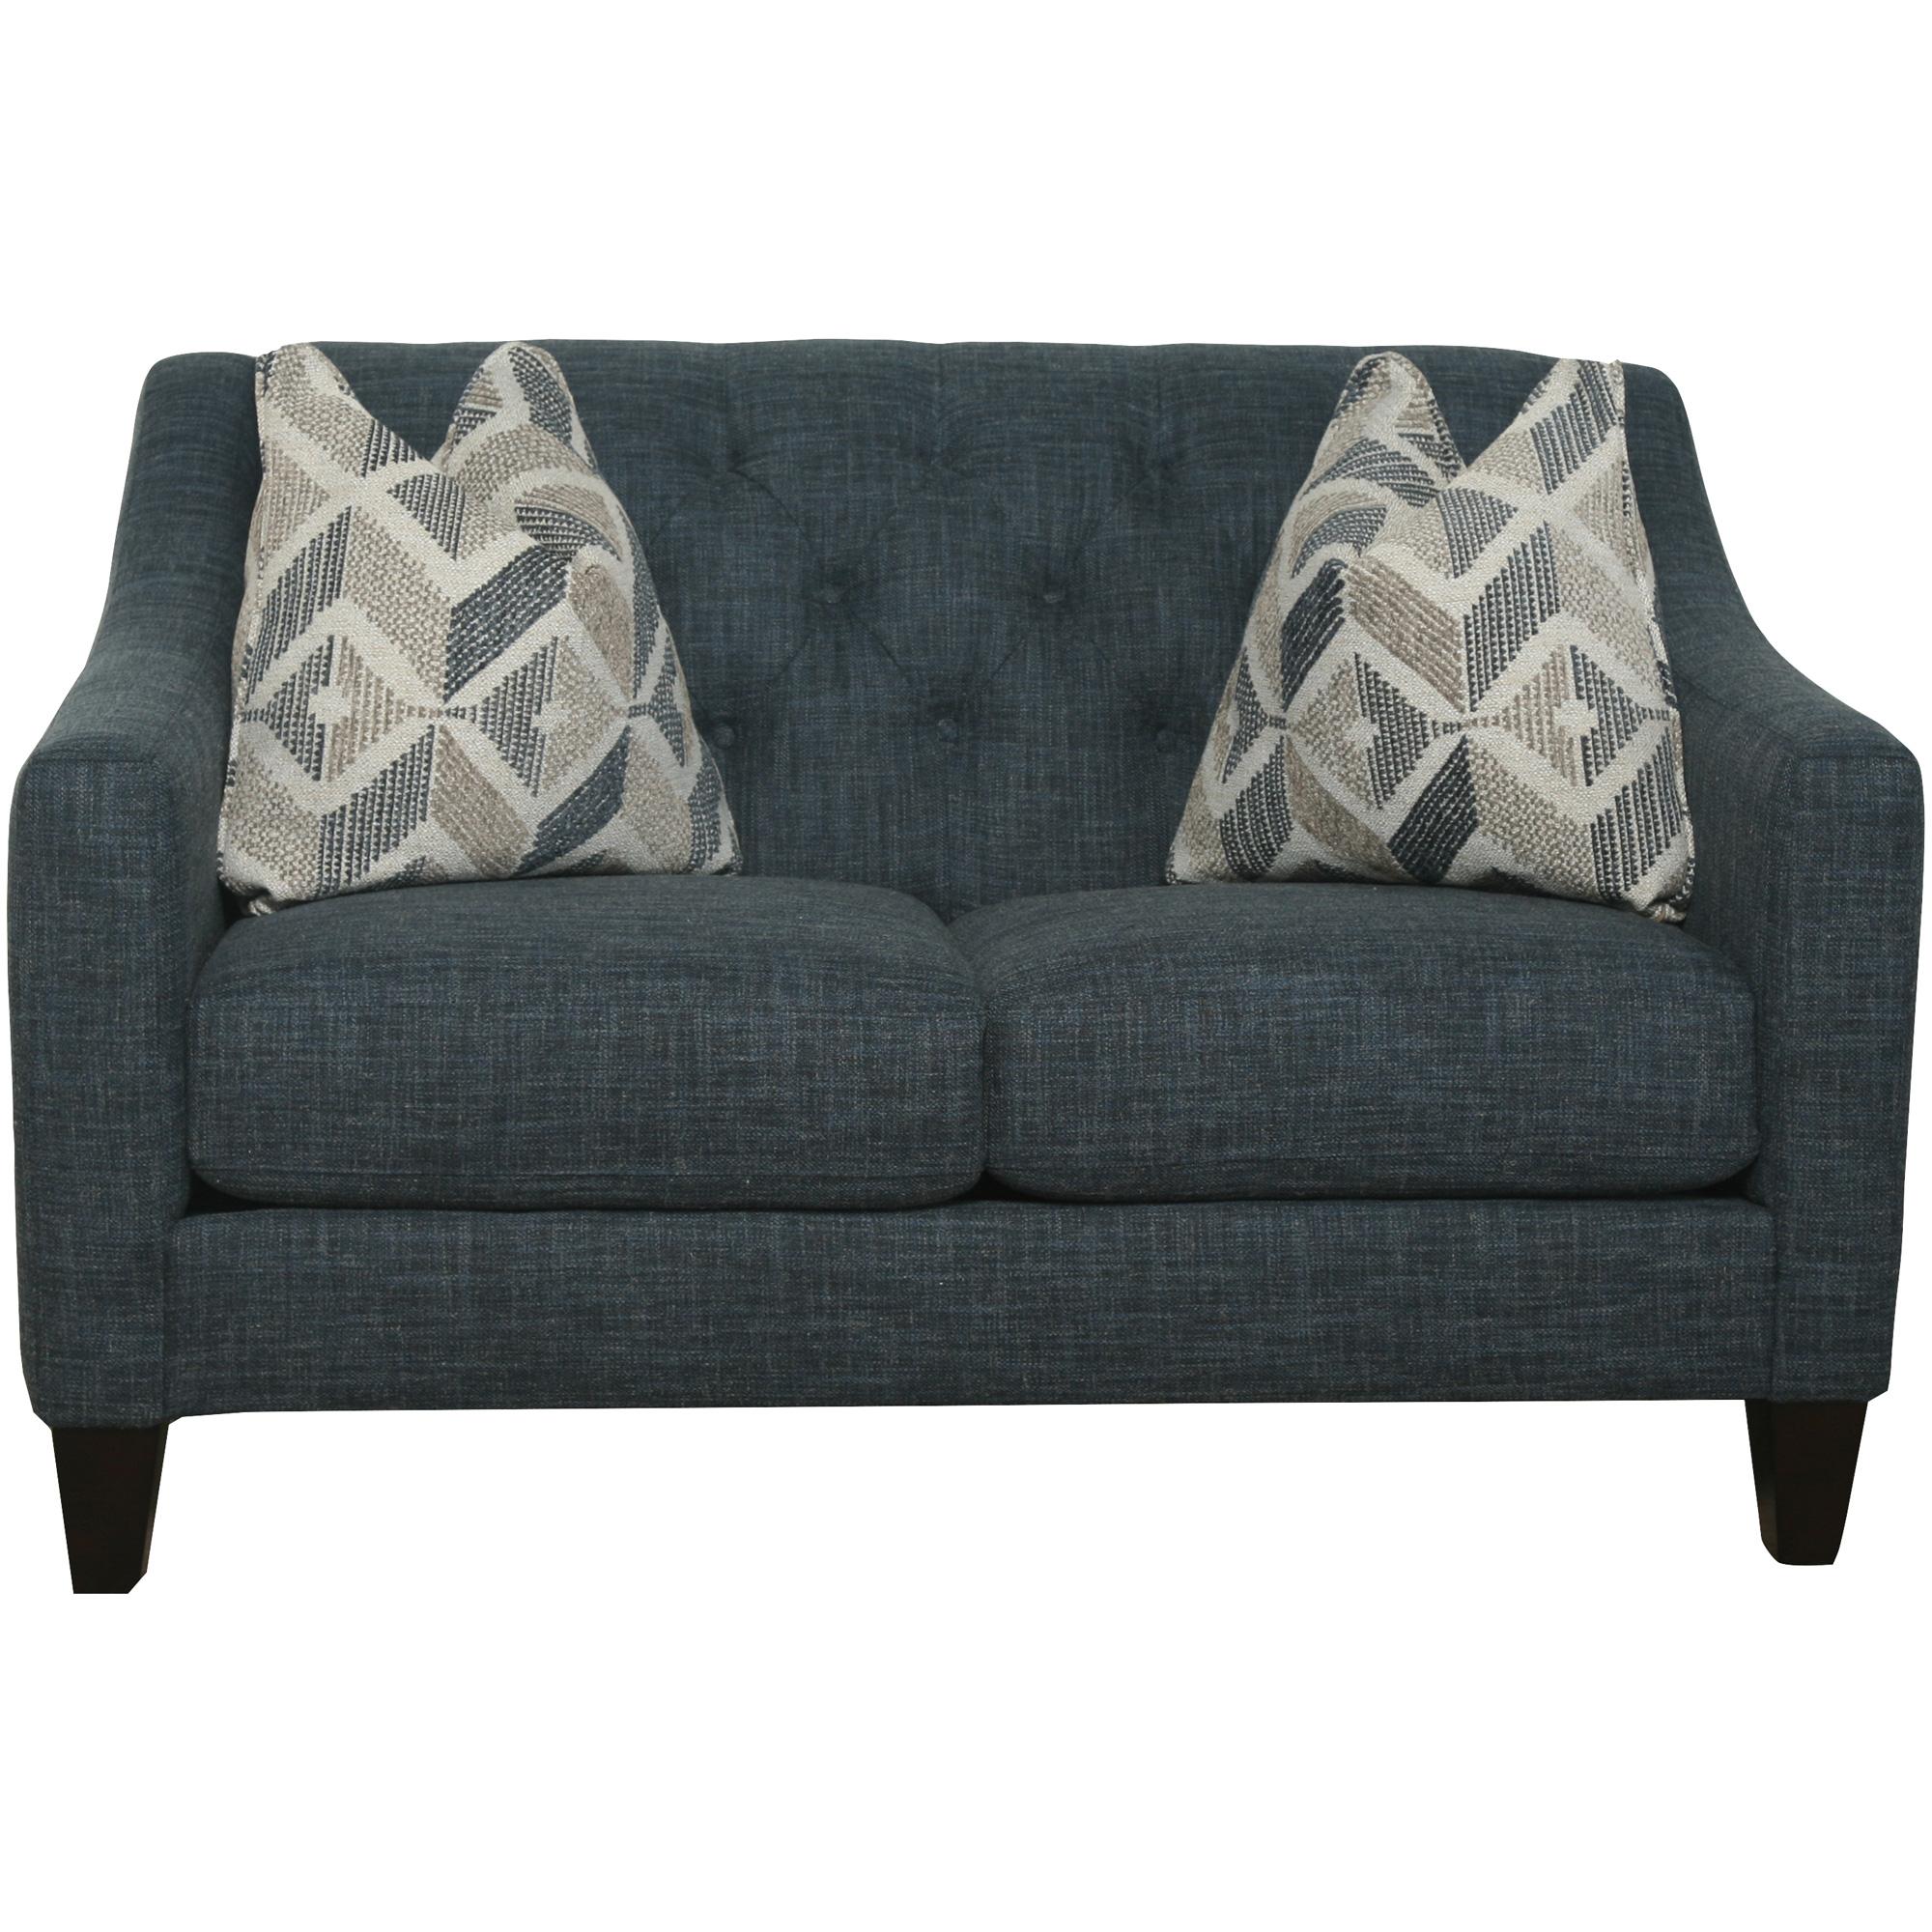 Bauhaus Furniture | Solo Blue Loveseat Sofa